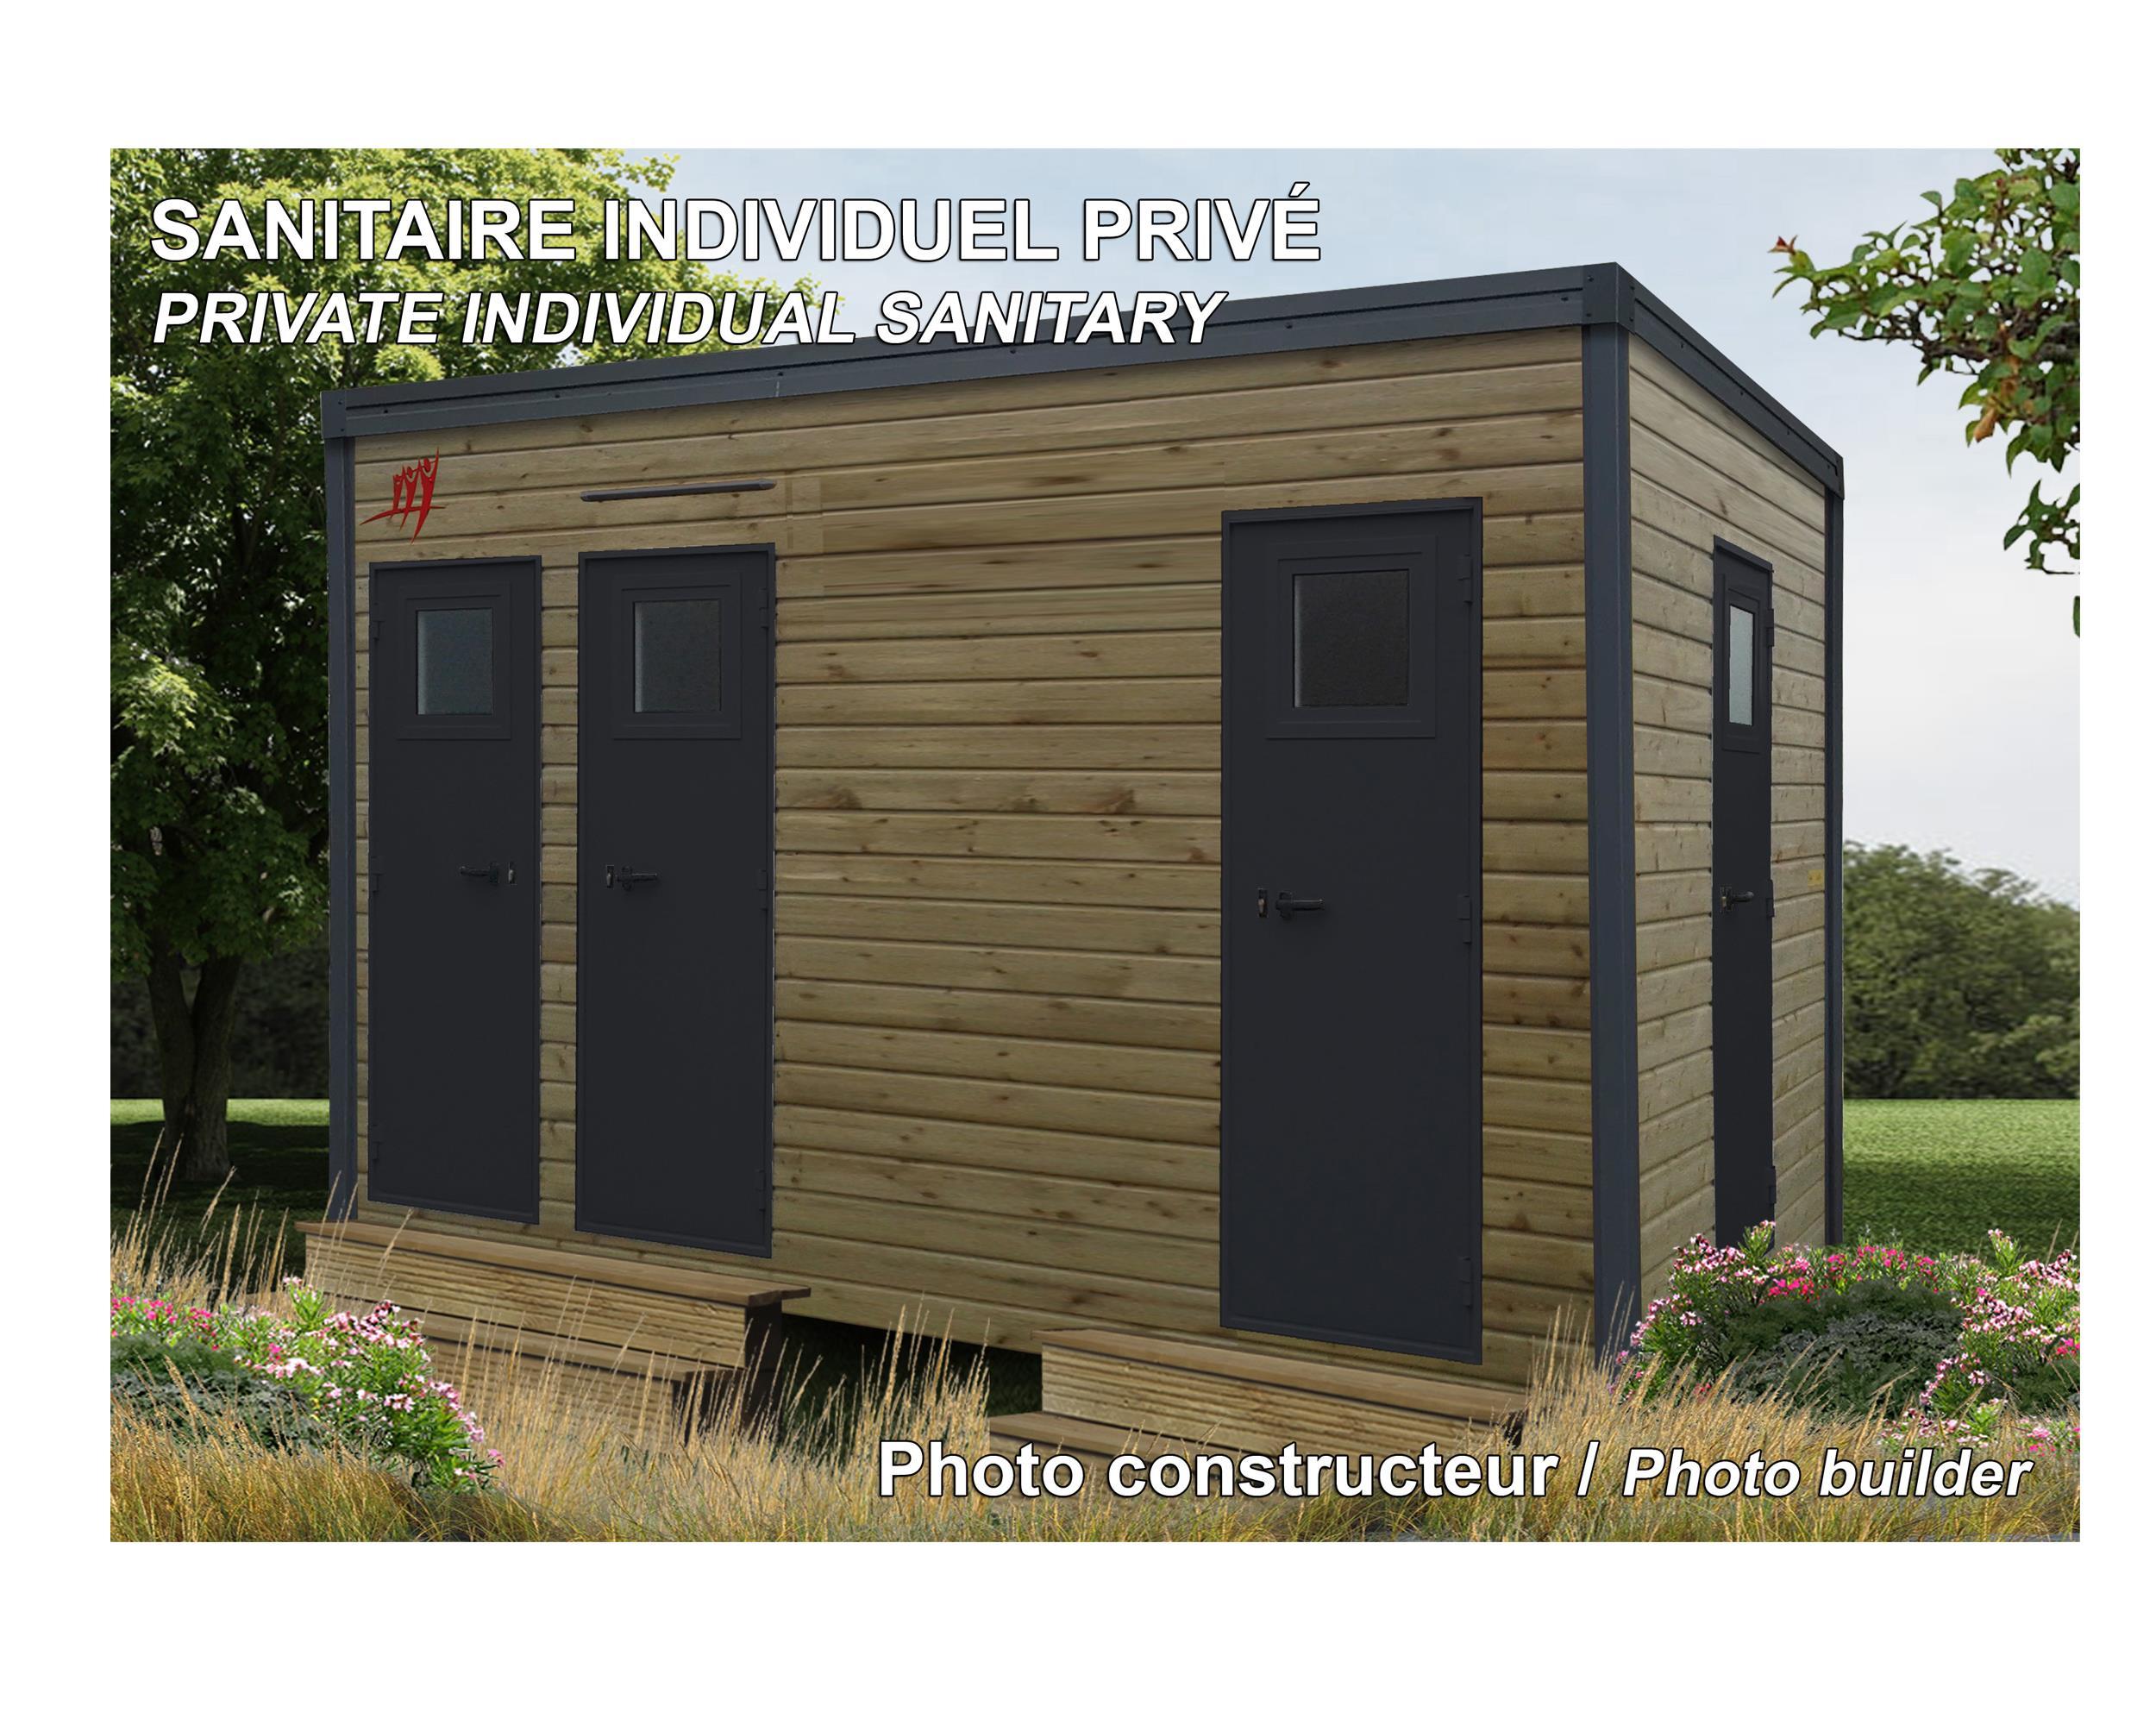 Emplacement - Emplacement Prestige 140 M² Avec Sanitaire Individuel Privé - Camping Sites et Paysages Le Ventoulou